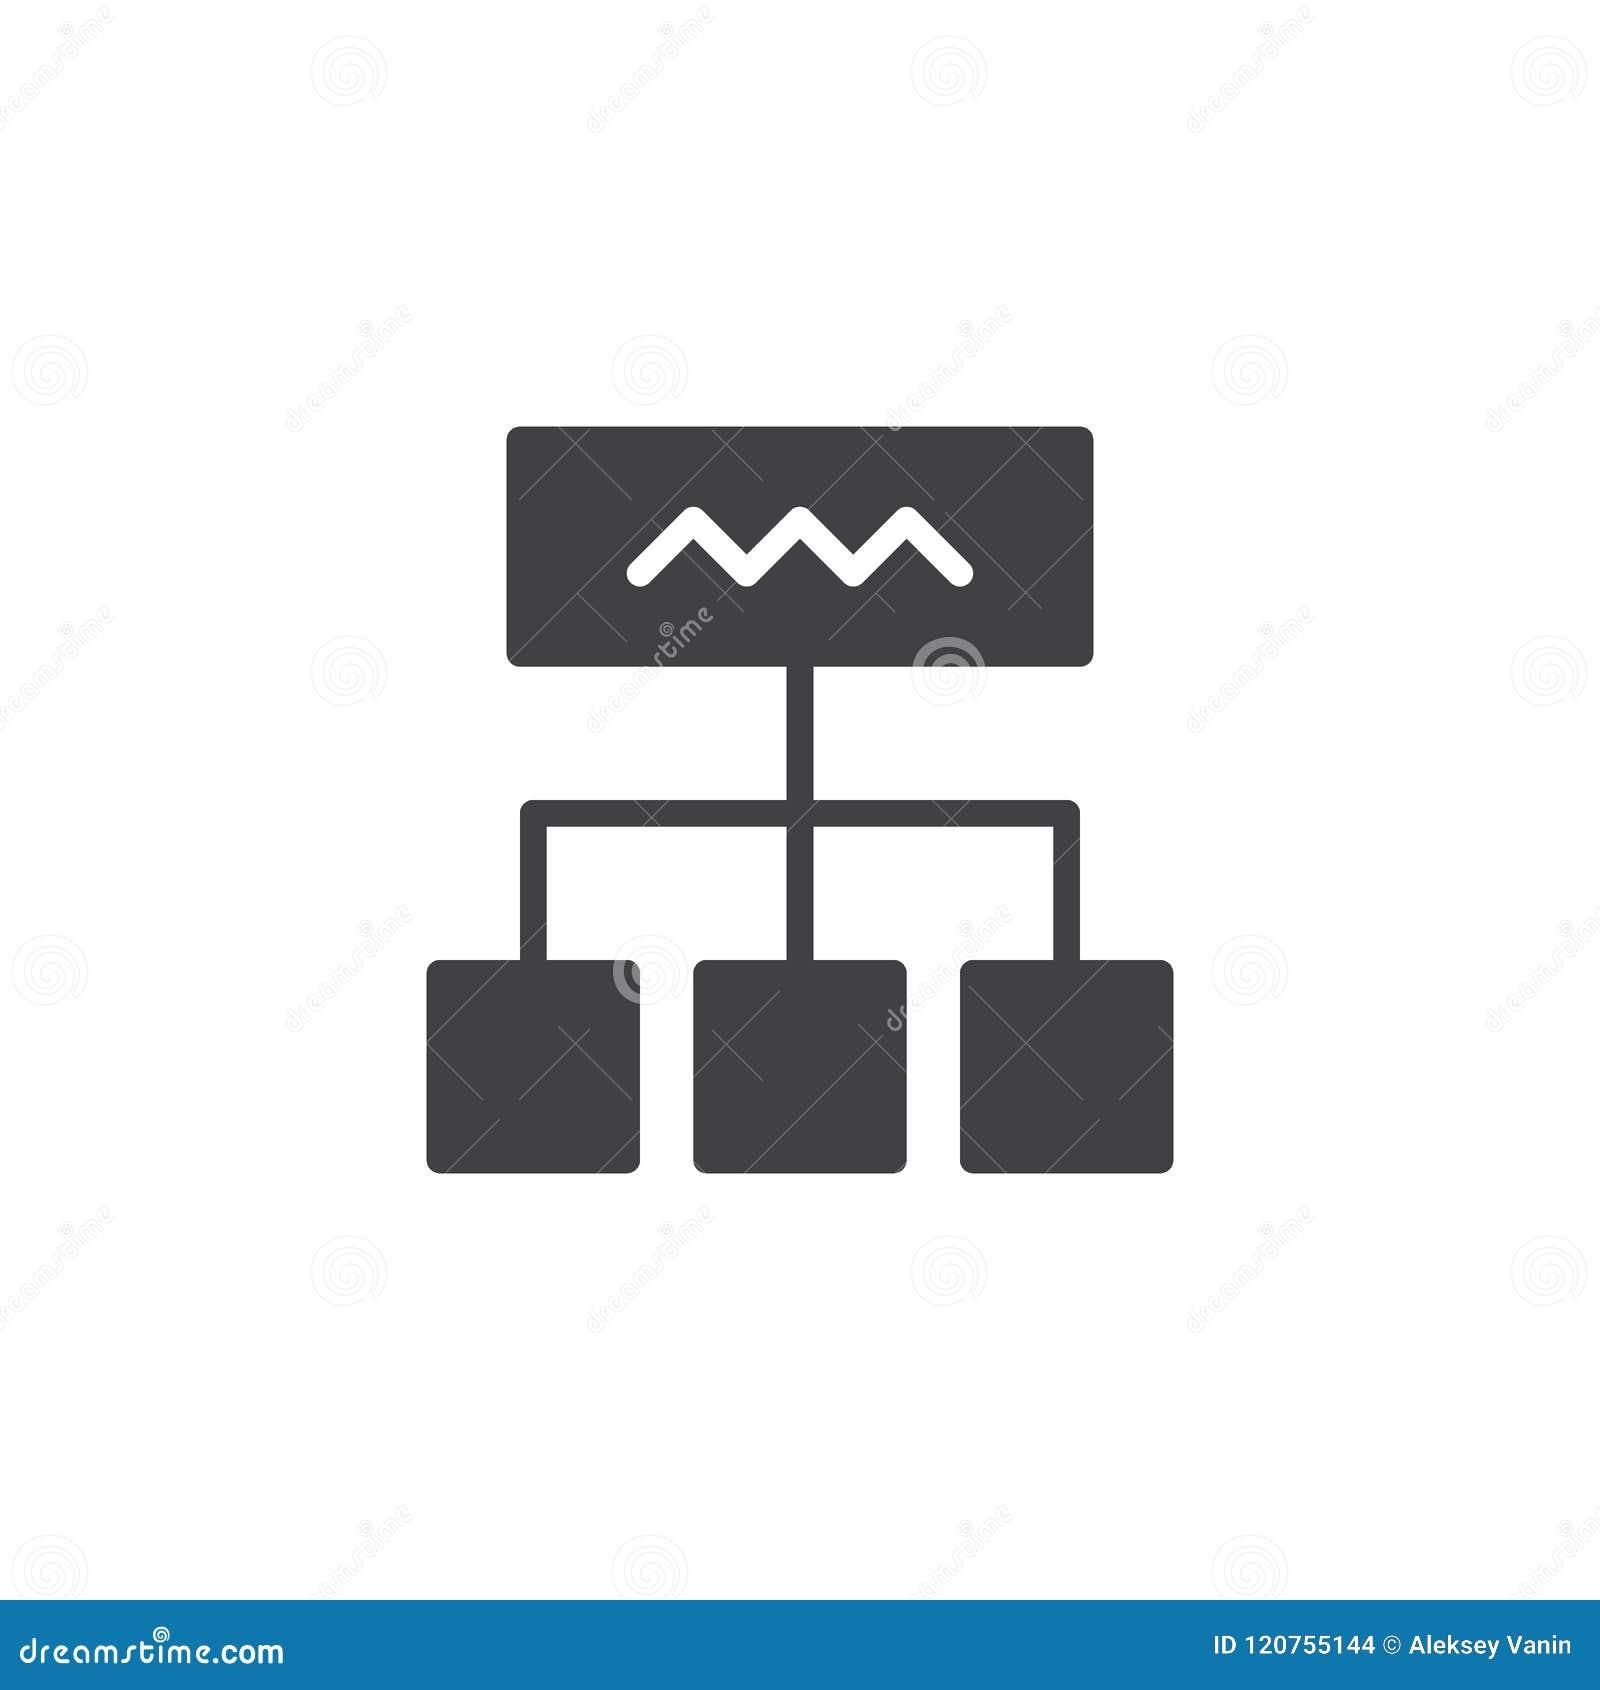 Diagram vector icon